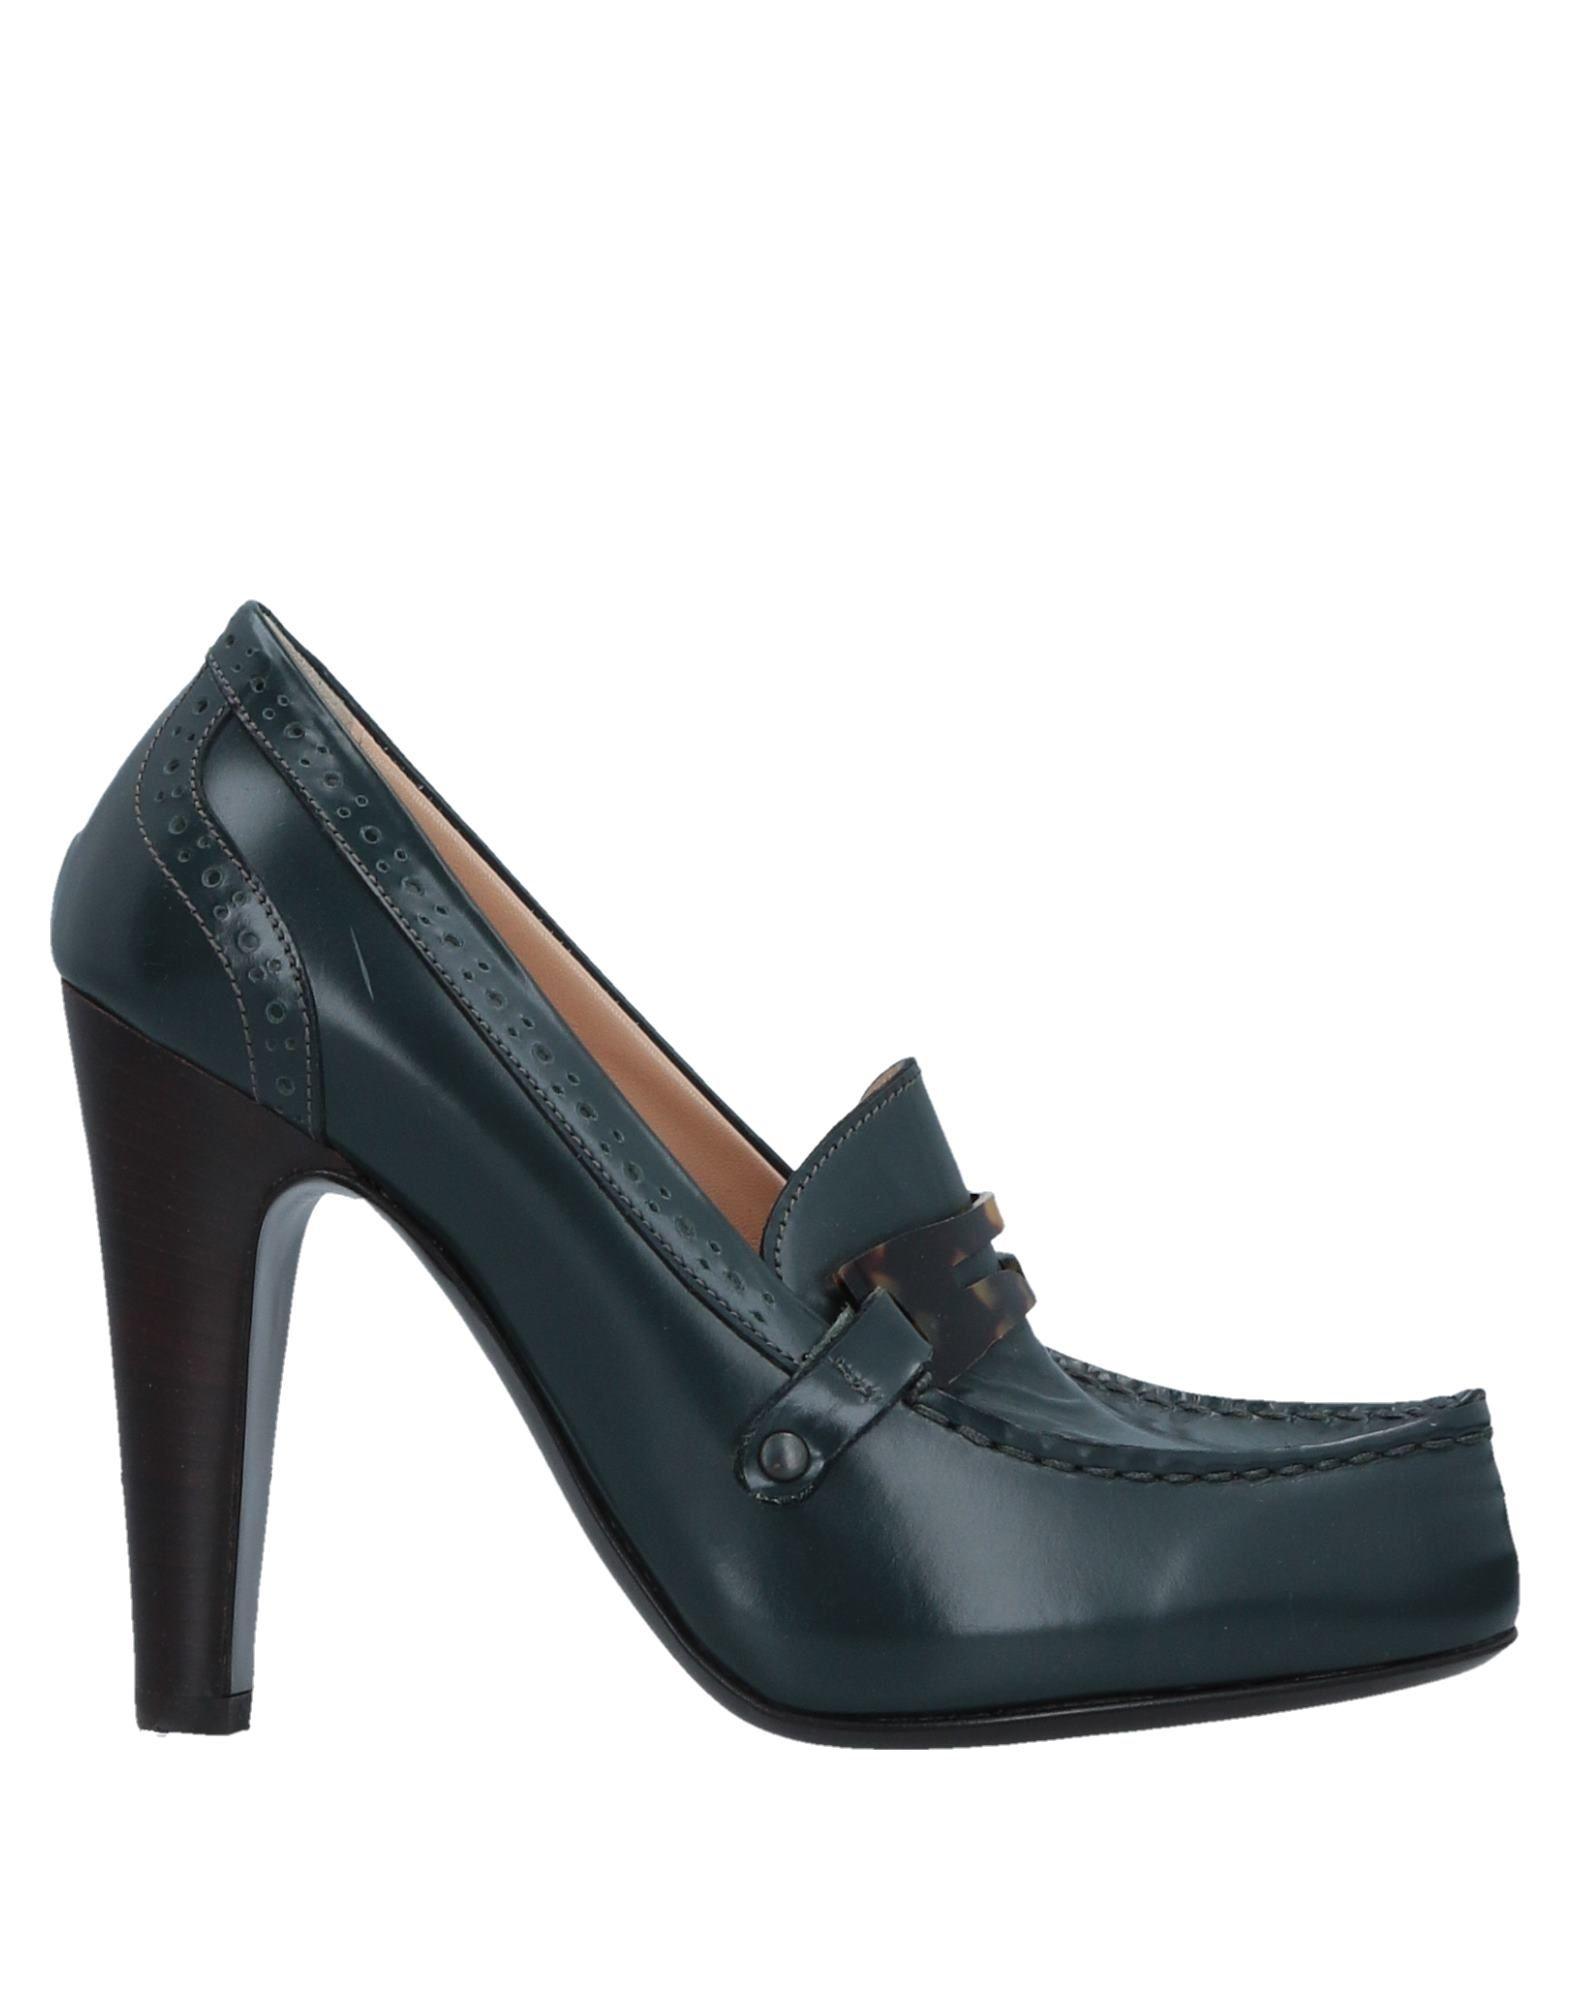 GAIA D'ESTE Loafers in Deep Jade